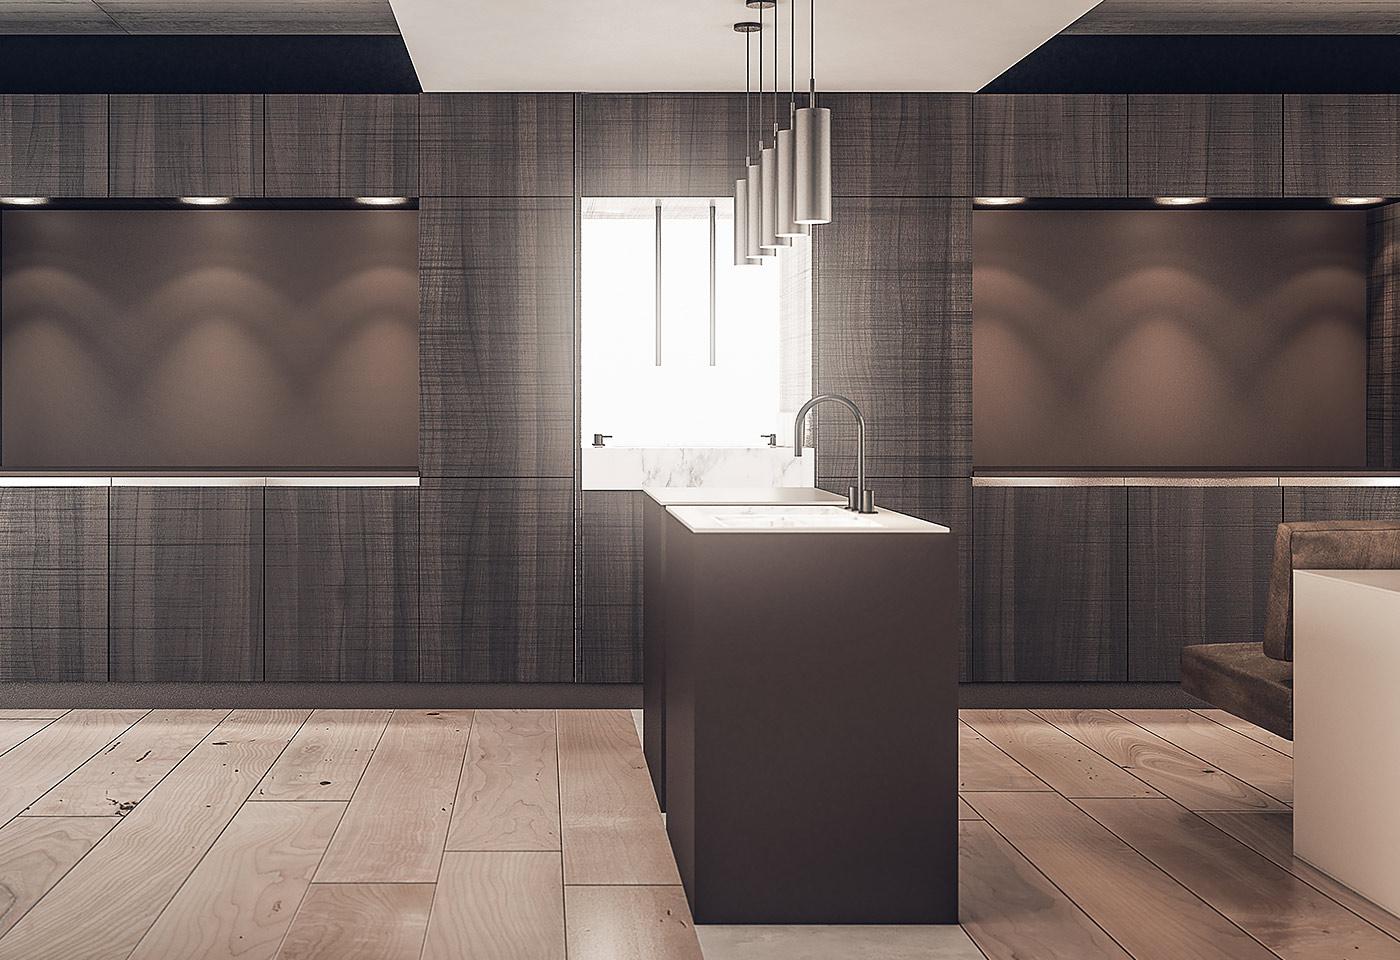 Einzelne Küchenelemente als abtrennbare Raumstrukturen, welche die Arbeitsküche individuell umsetzen lassen.